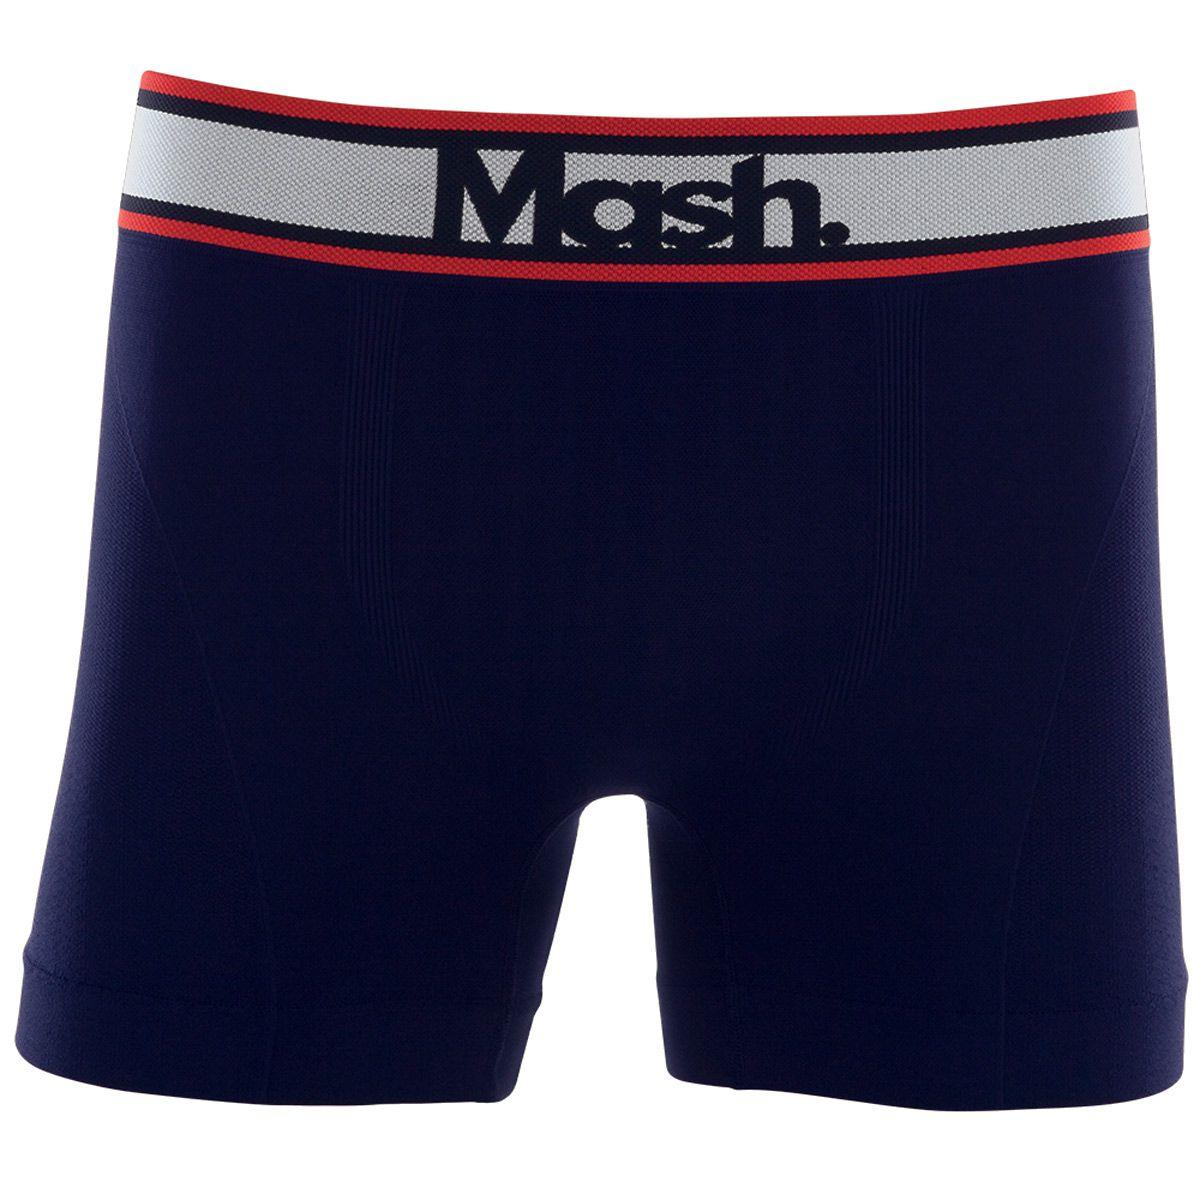 Cueca Boxer Mash Microfibra Sem Costuras - 710.03